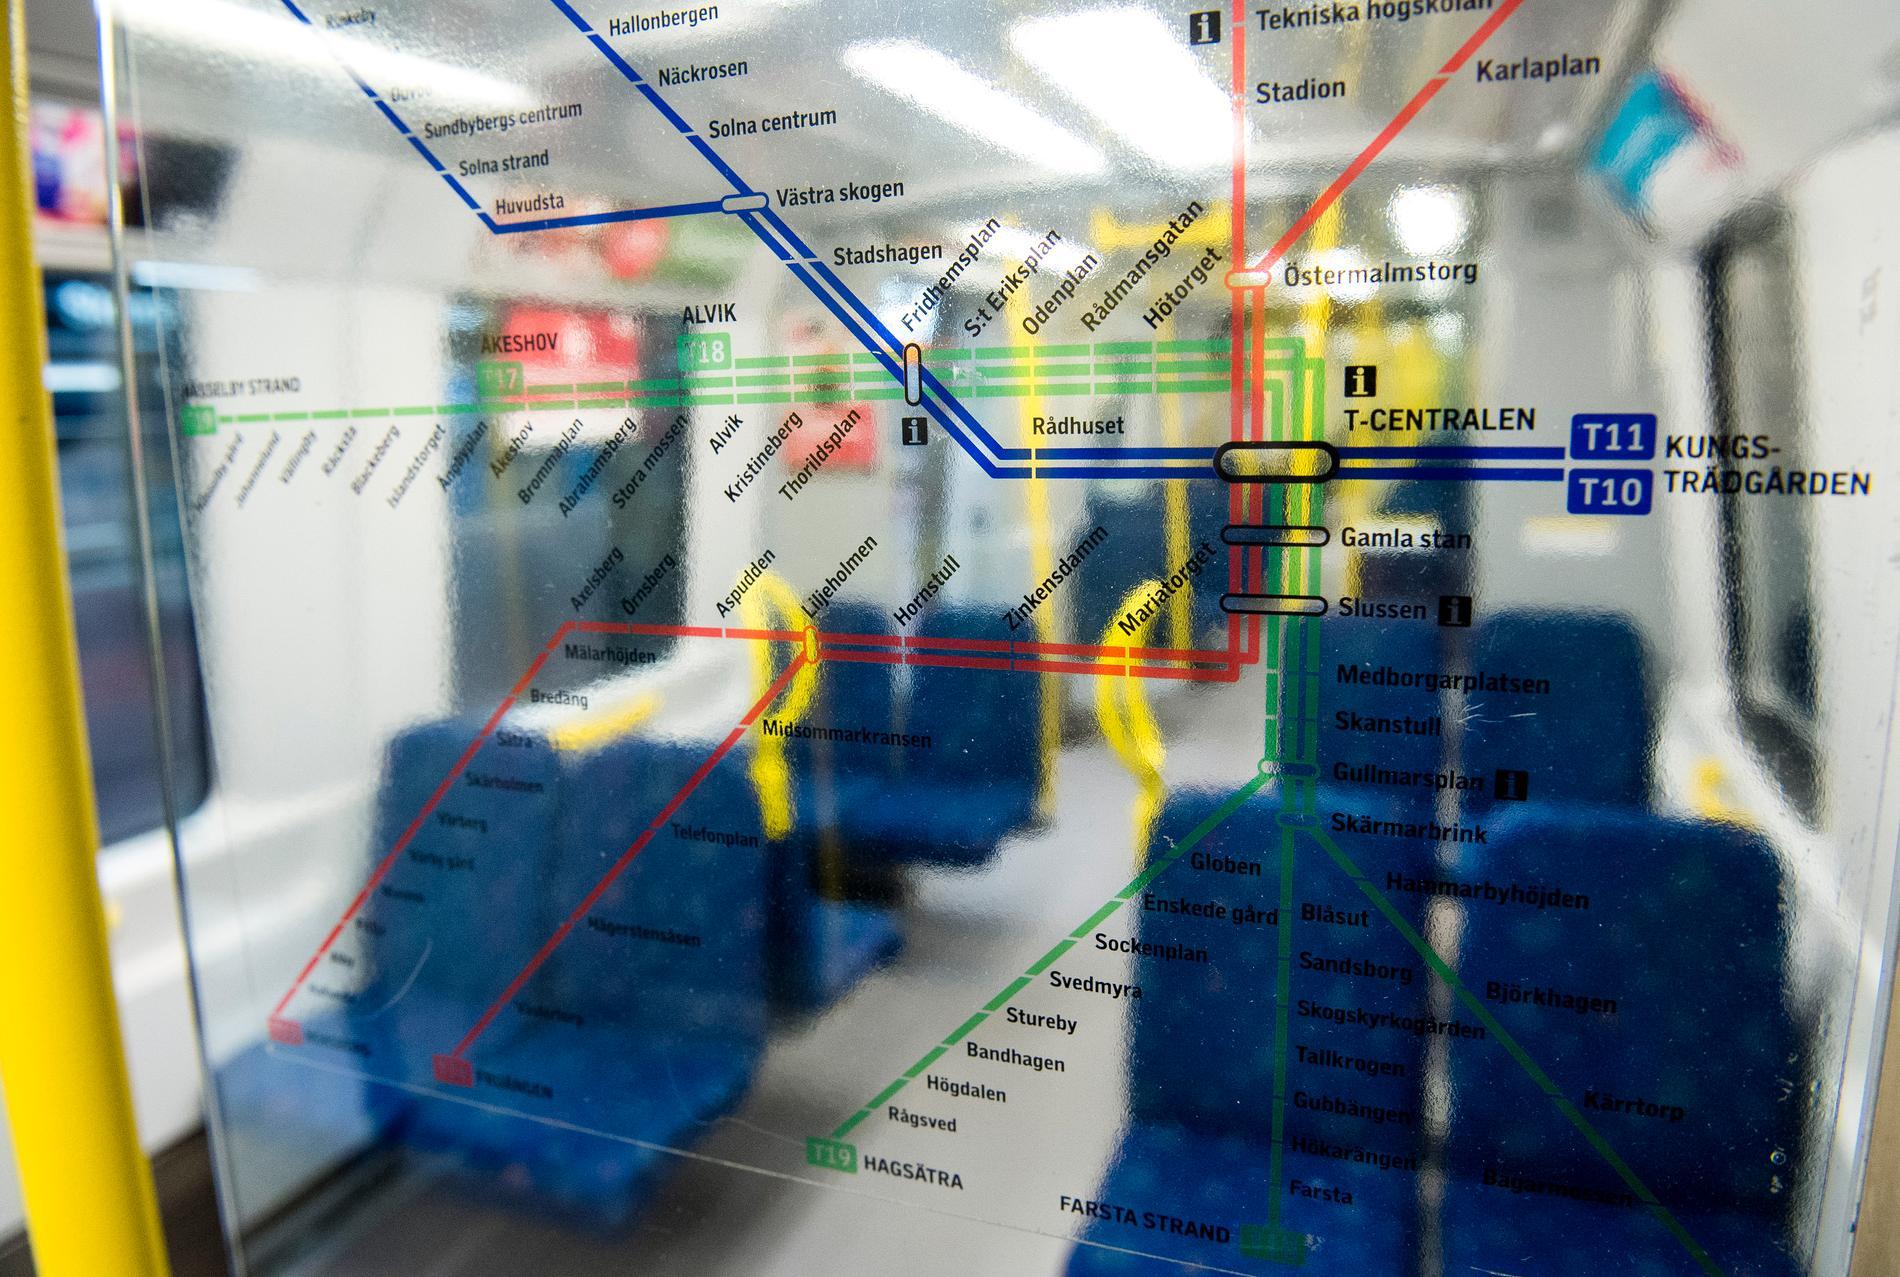 Det har varit stopp i tunnelbanetrafiken på gröna linjen. Arkivbild.